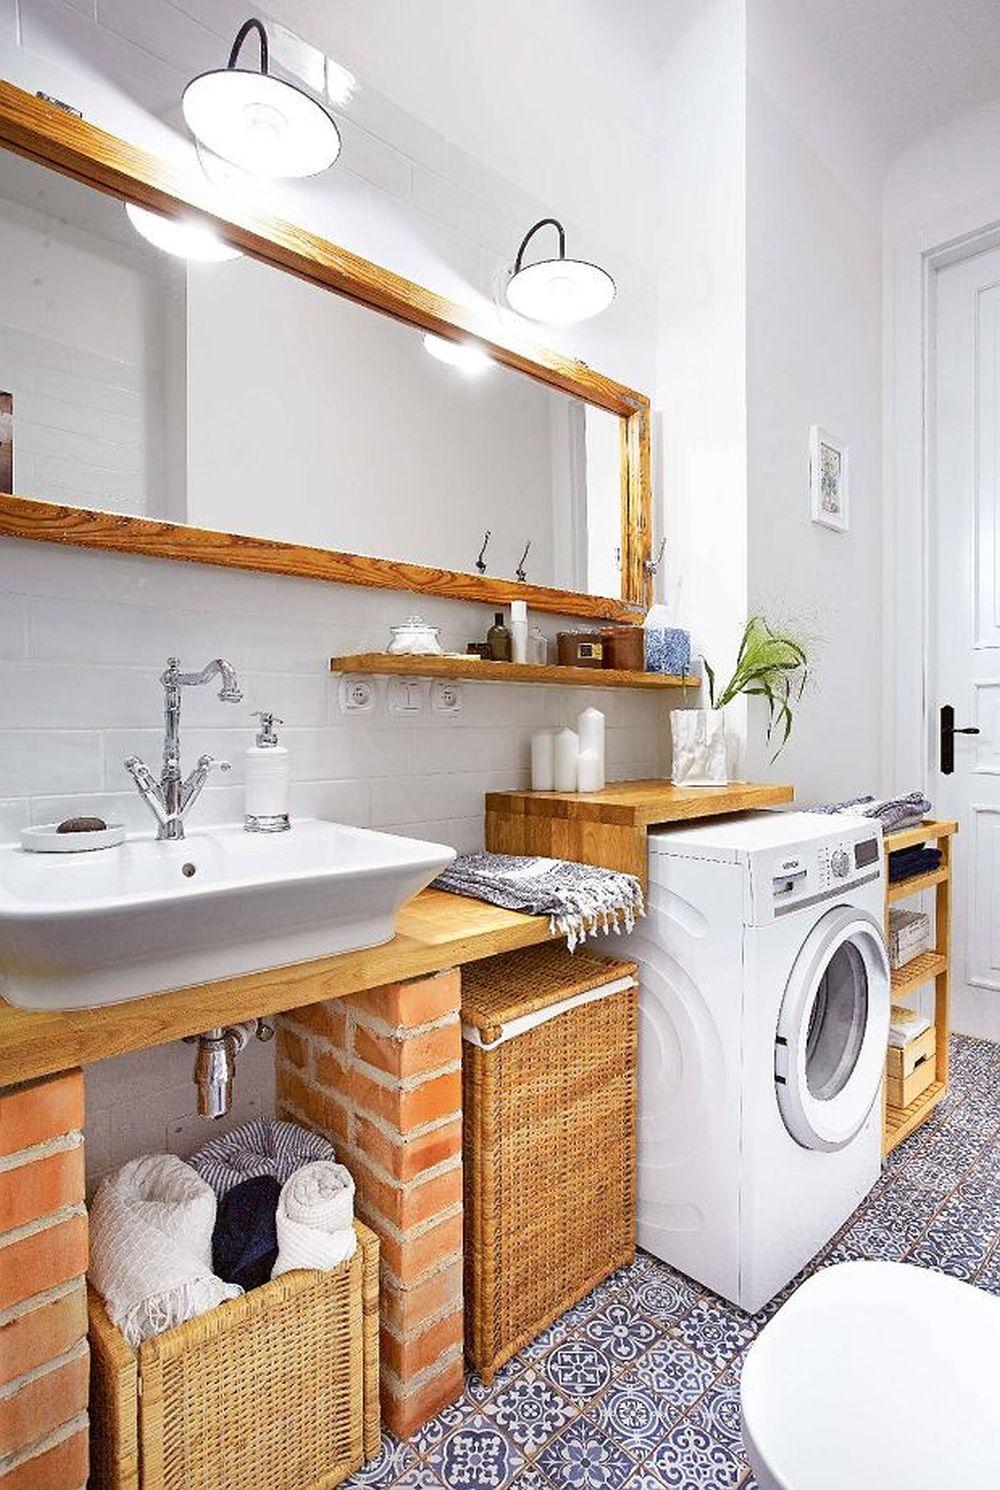 adelaparvu.com despre apartament de 2 camere, 50 mp, Polonia, designer Kamila Kuboth-Schuchardt, Foto Michał Mutor (10)